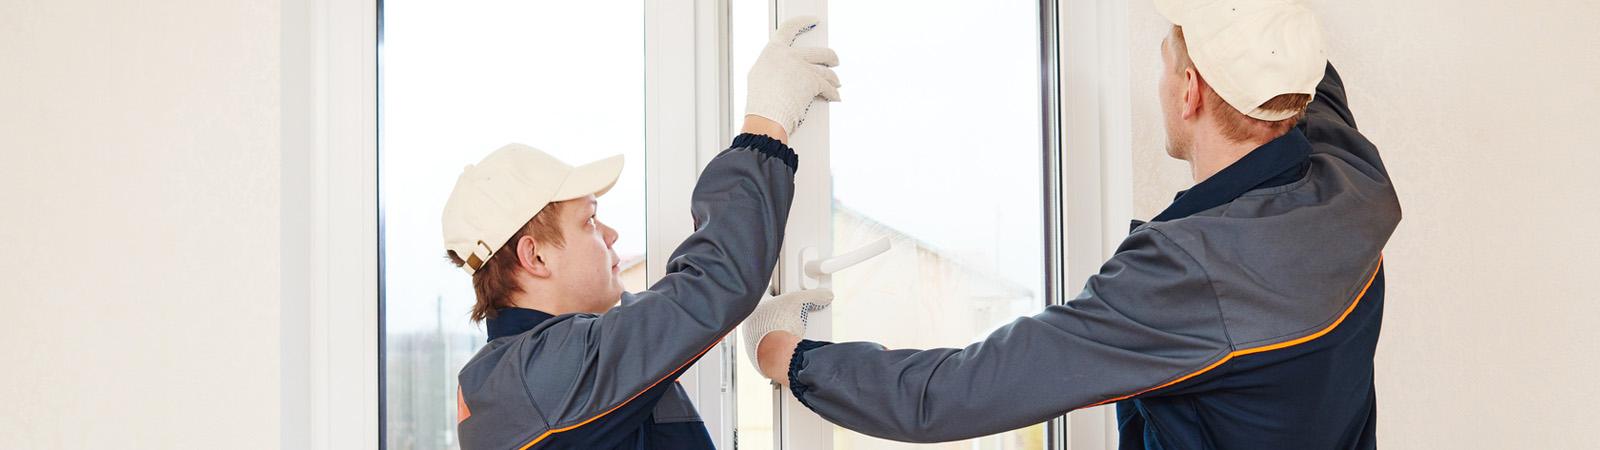 Fenstermontage: Hohe Materialqualität und geschulte Handwerker sind sehr wichtig